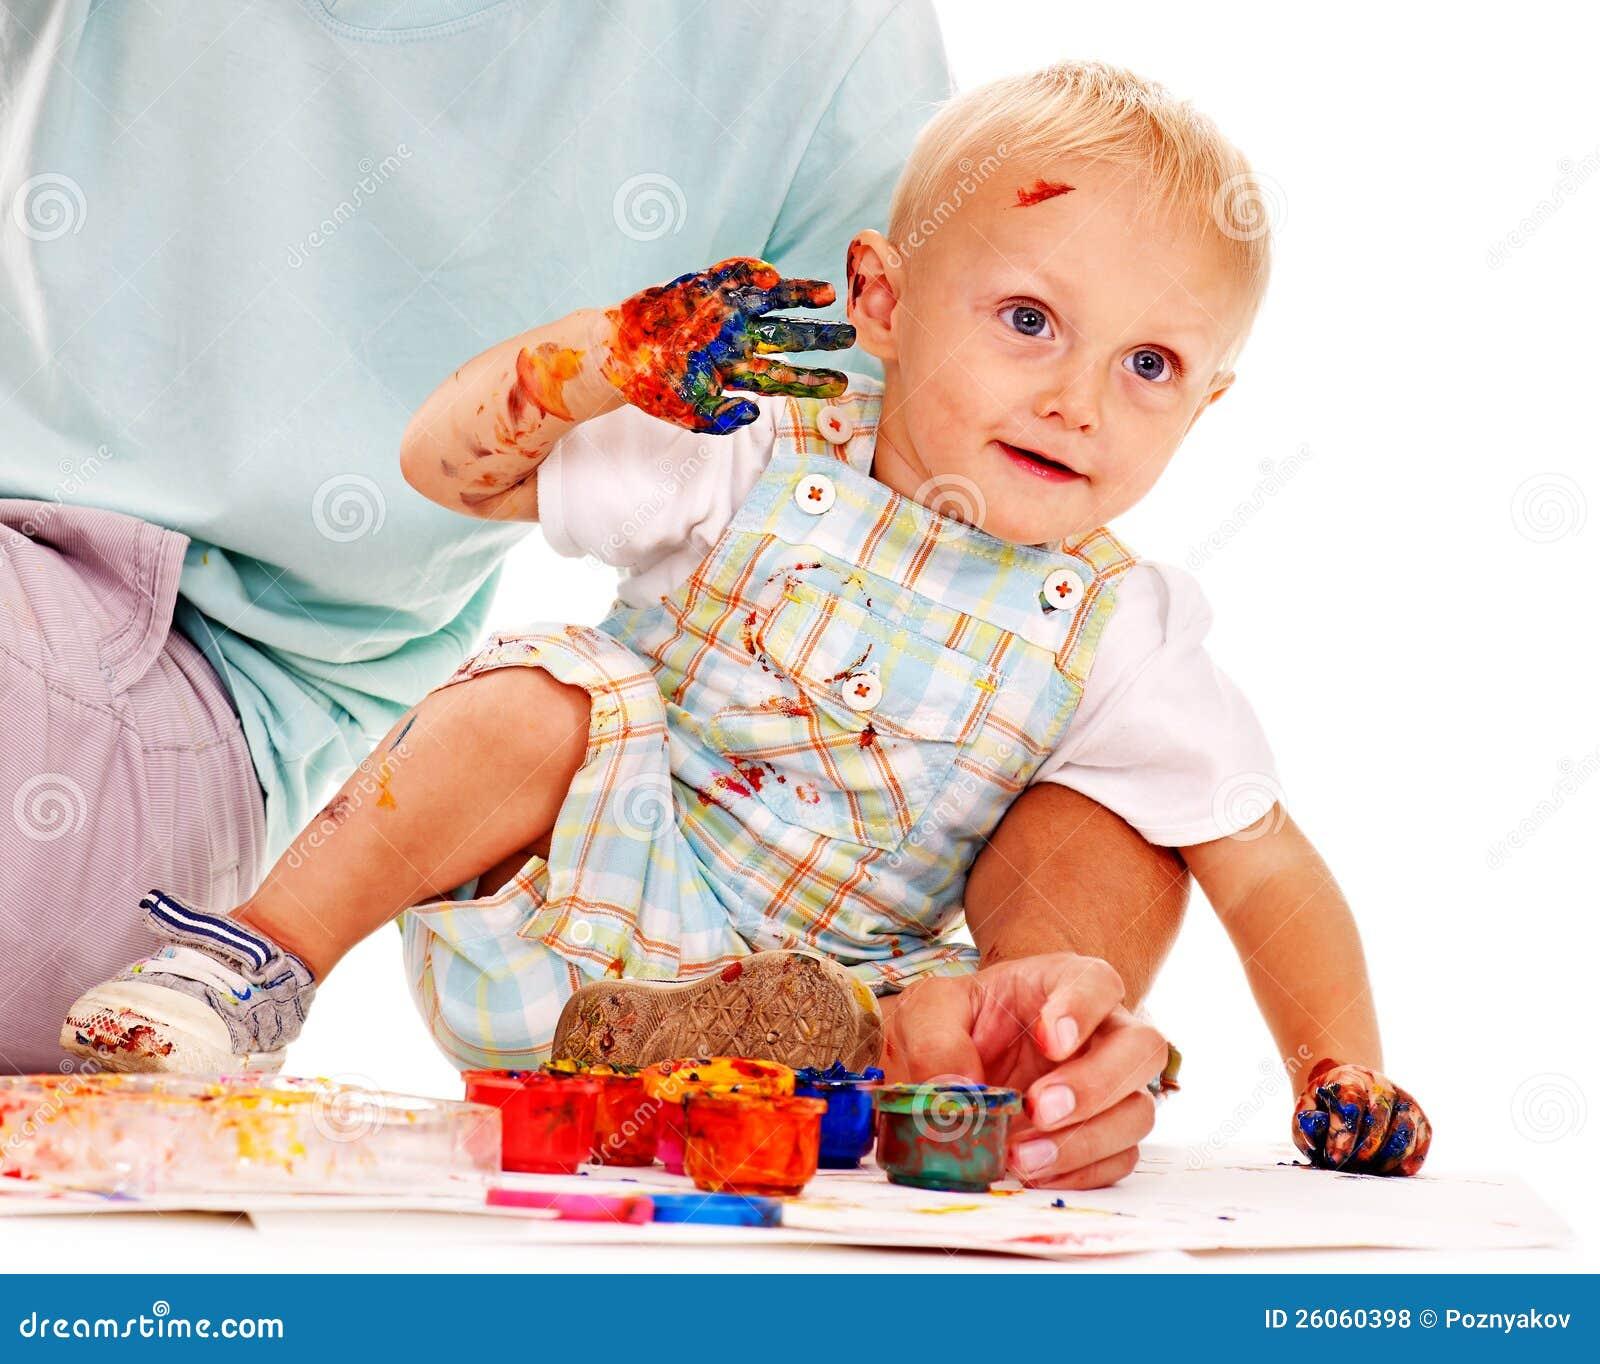 Het schilderen van het kind door vingerverf royalty vrije stock foto 39 s afbeelding 26060398 - Schilderen kind jongen ...